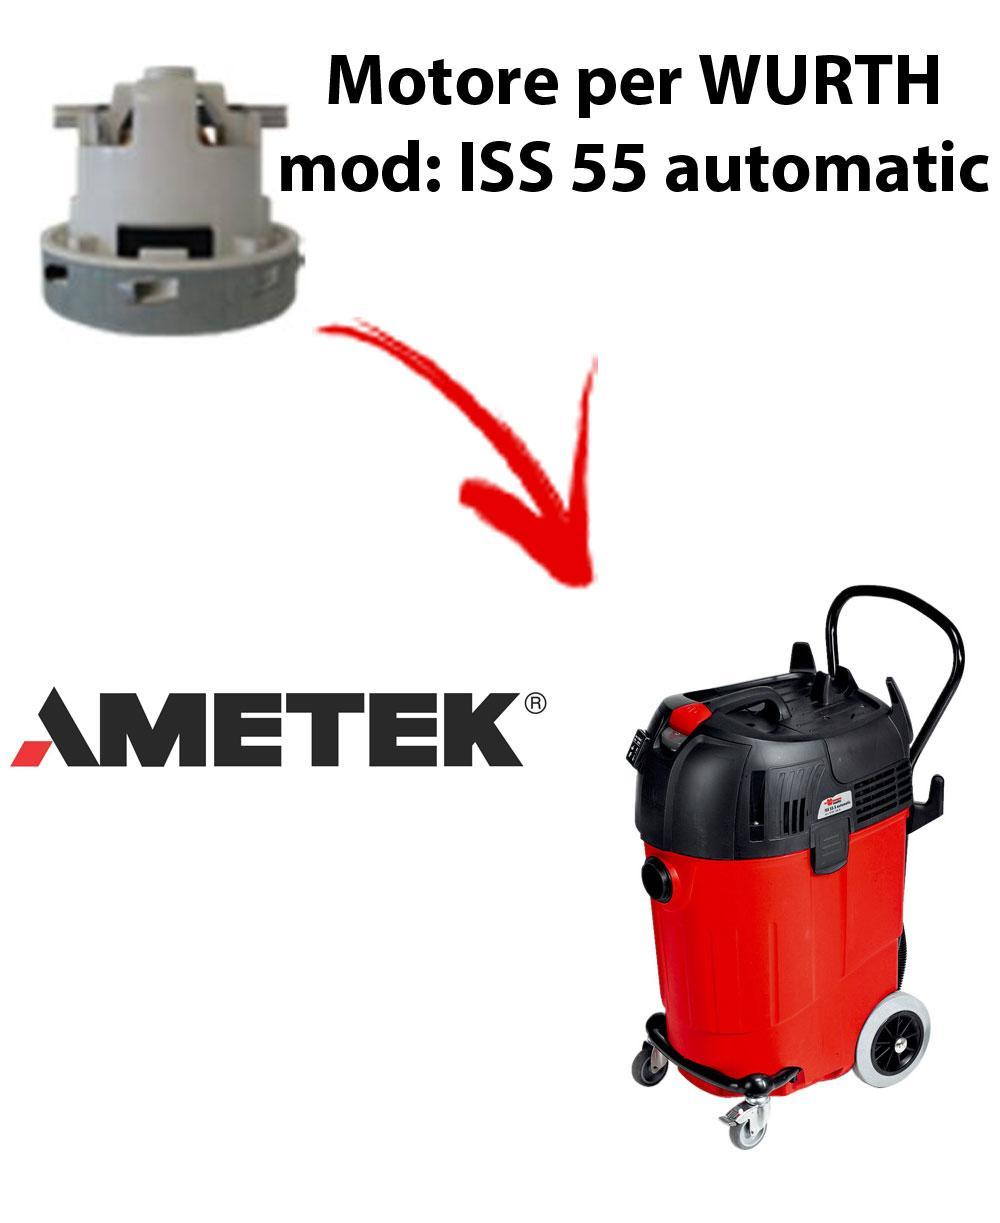 ISS 55 automatic Motore de aspiración AMETEK para aspiradora WURTH